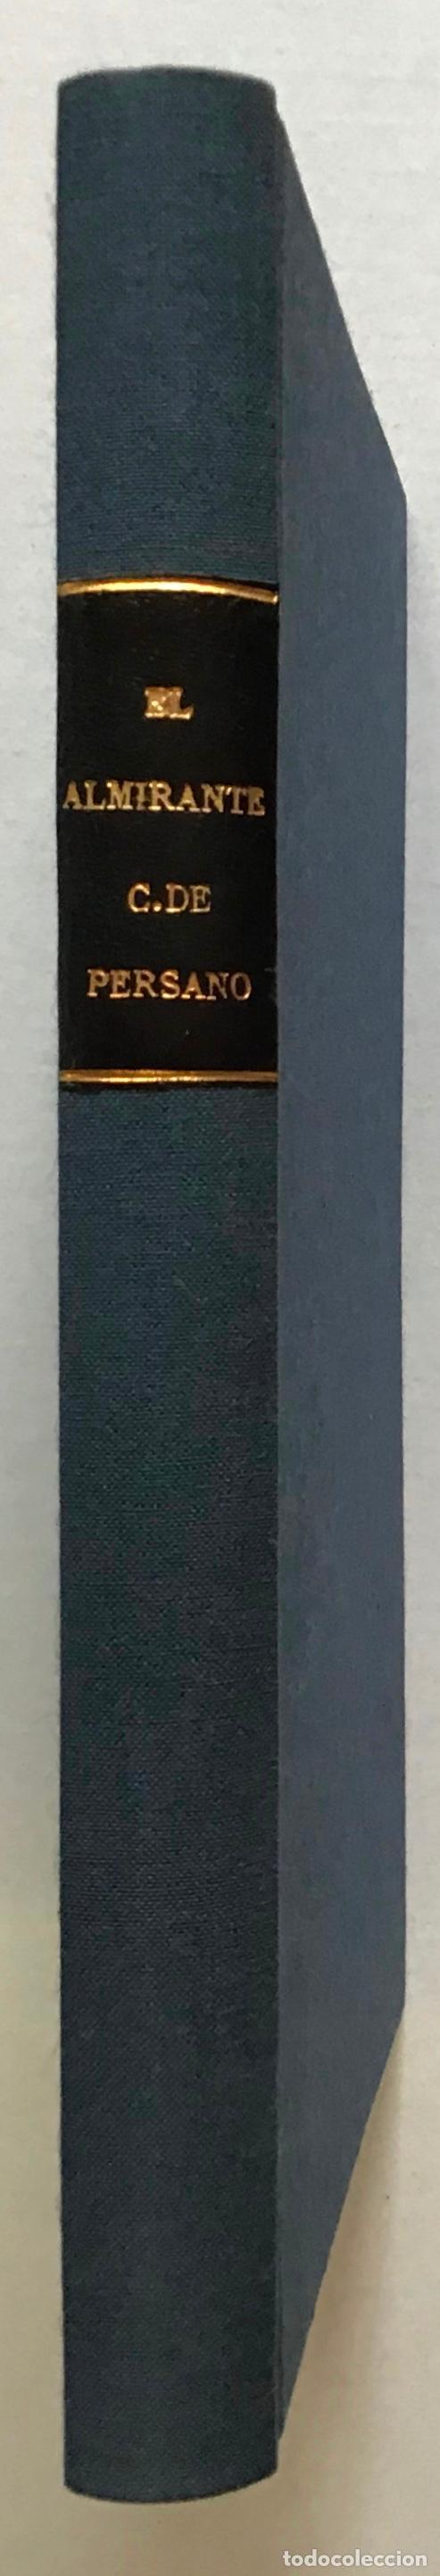 Libros antiguos: EL ALMIRANTE C. DE PERSANO. Campaña naval de los años 1860 y 1861. Diario privado político-militar. - Foto 2 - 208677410